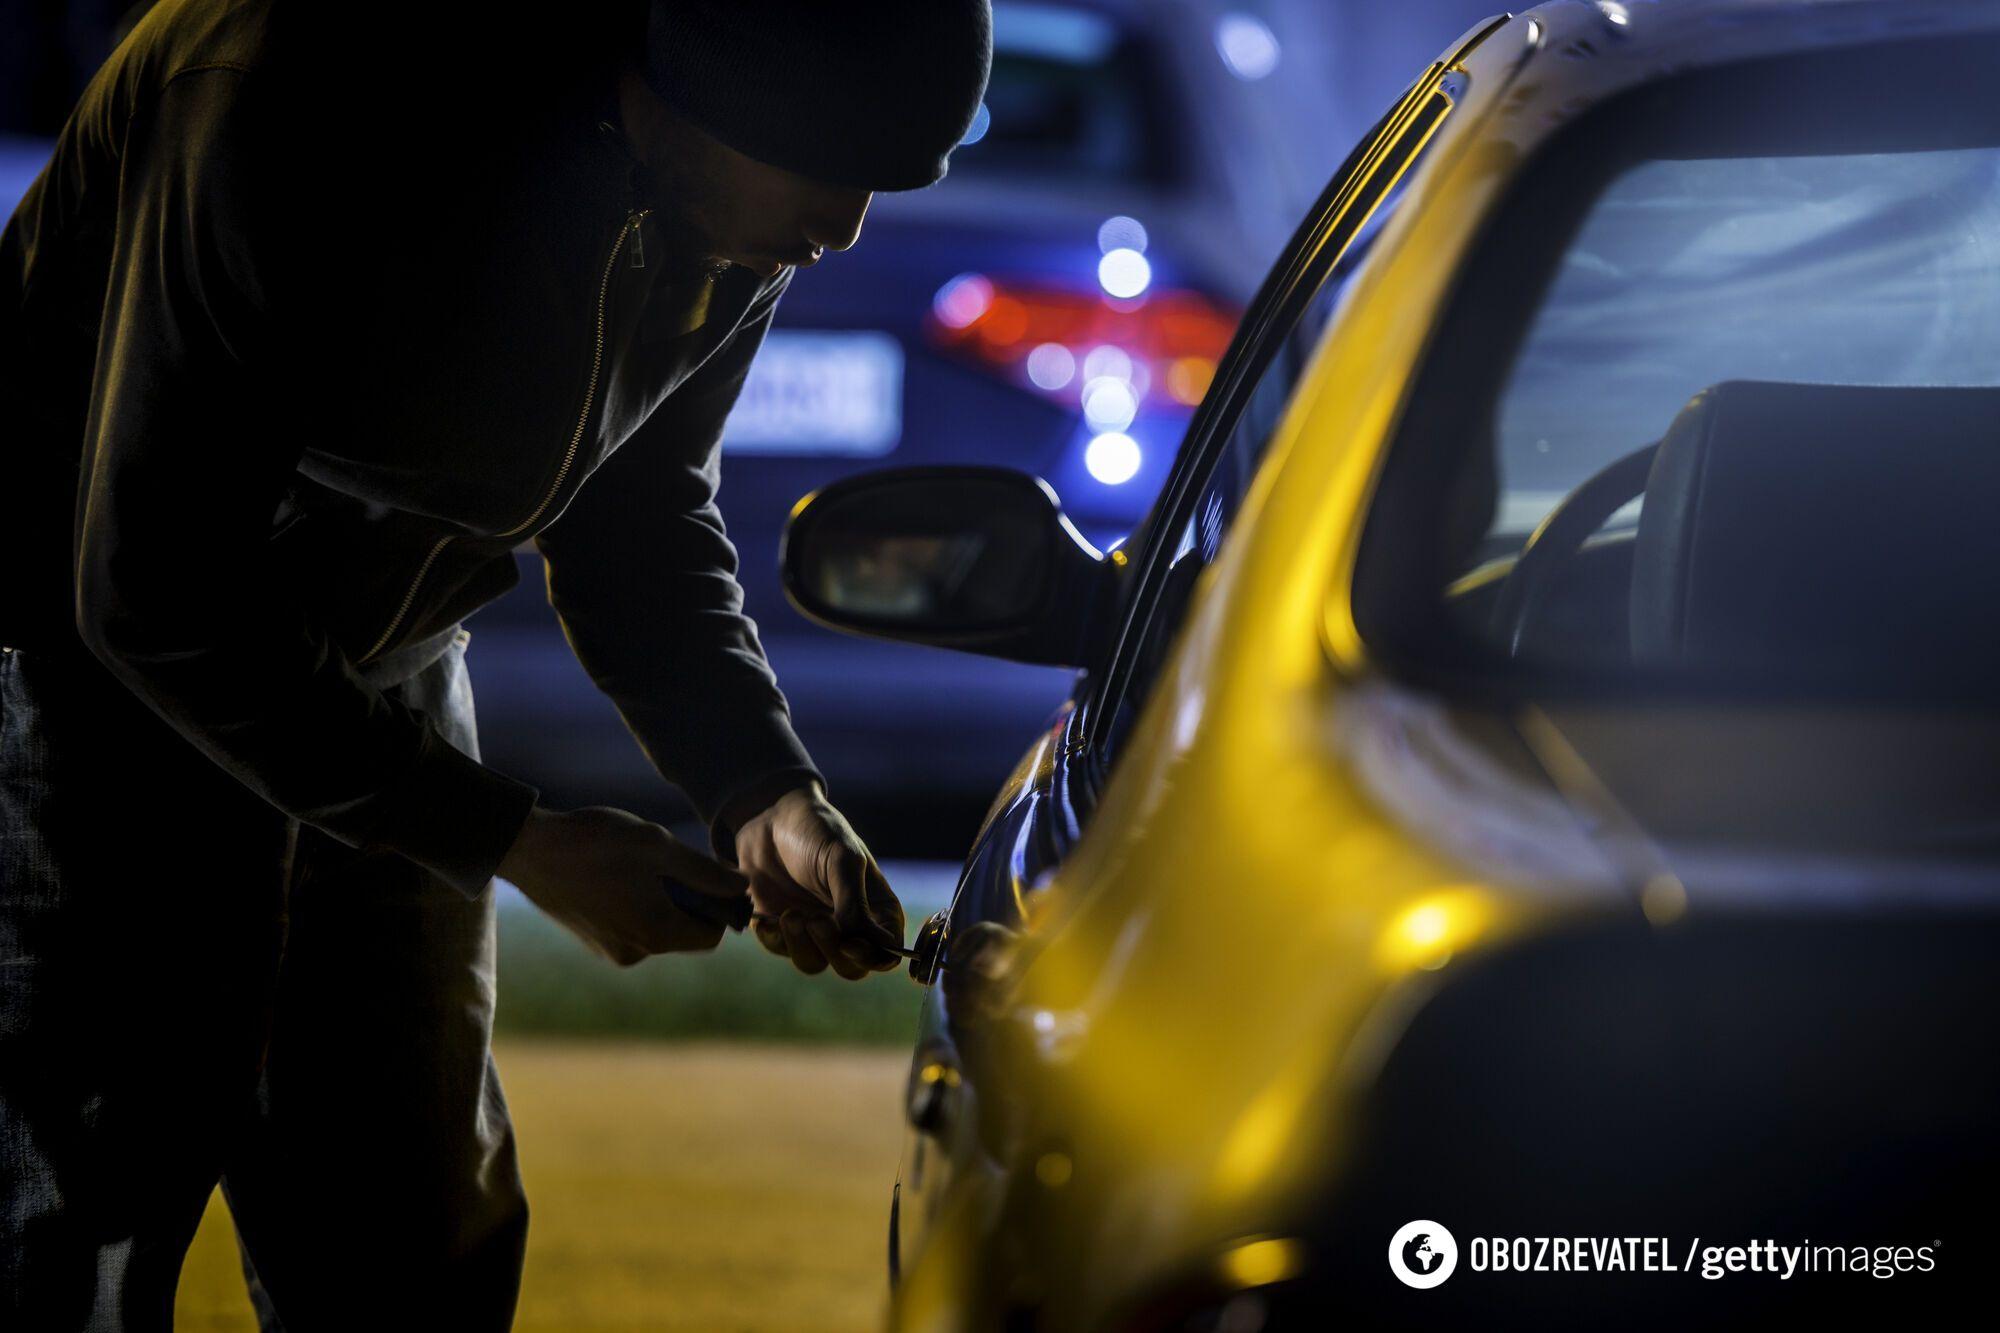 Автомобили угоняют ночью, когда владельцы спят